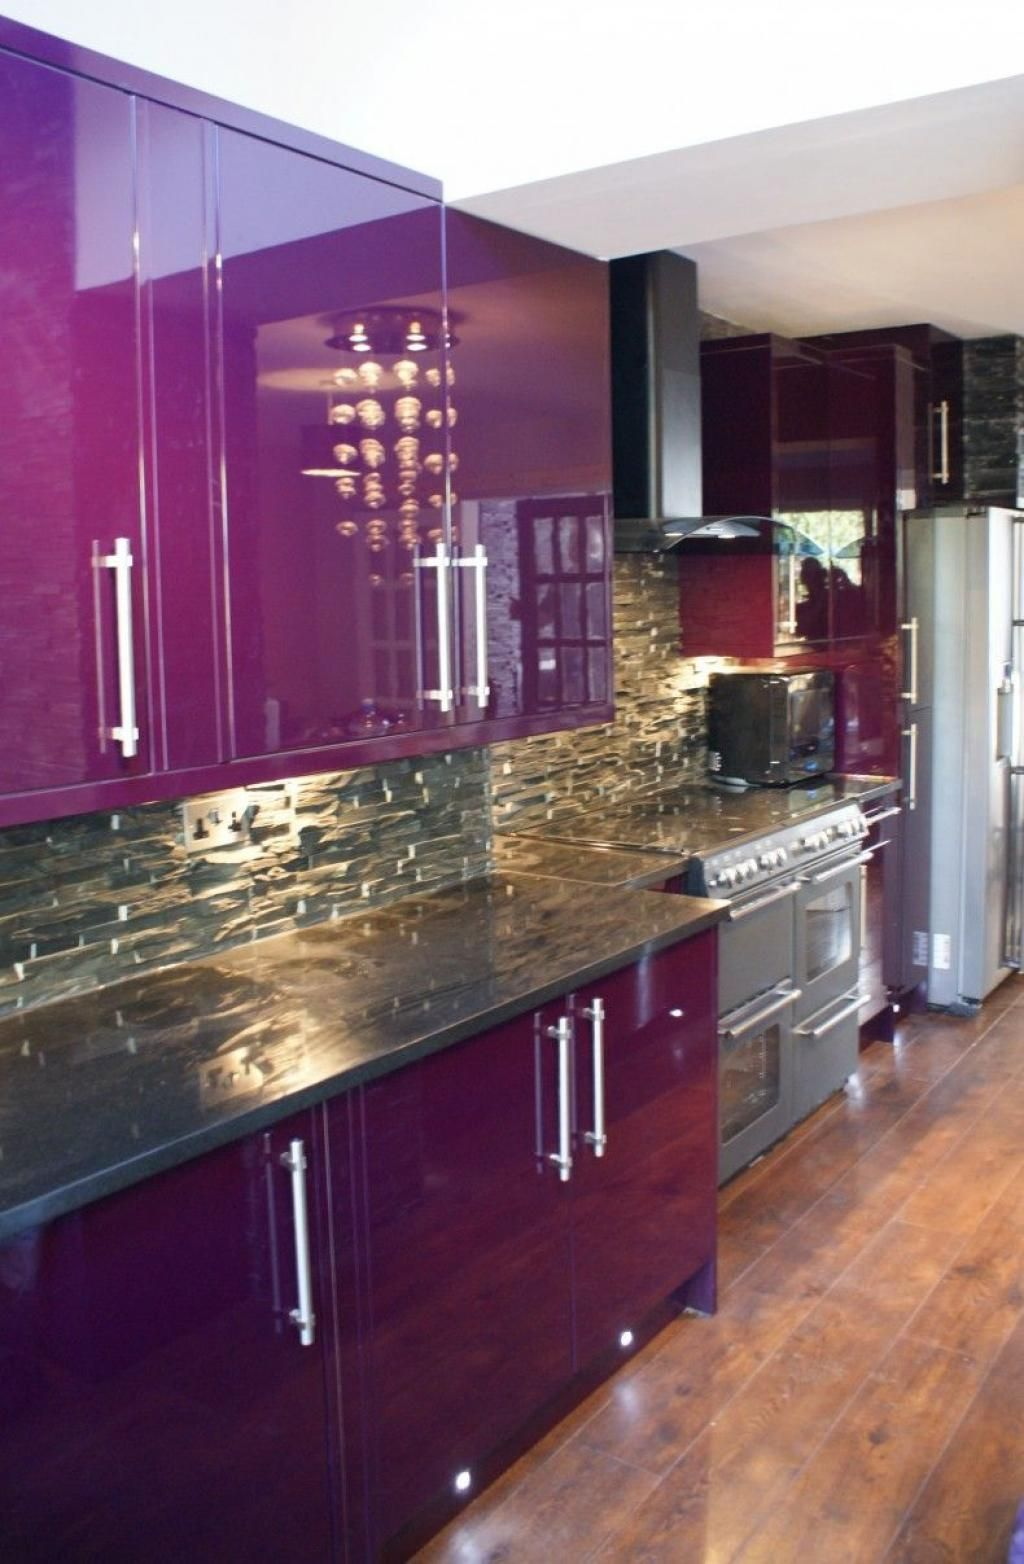 Best Black and Purple Kitchen Ideas | Purple kitchen, Kitchens and ...